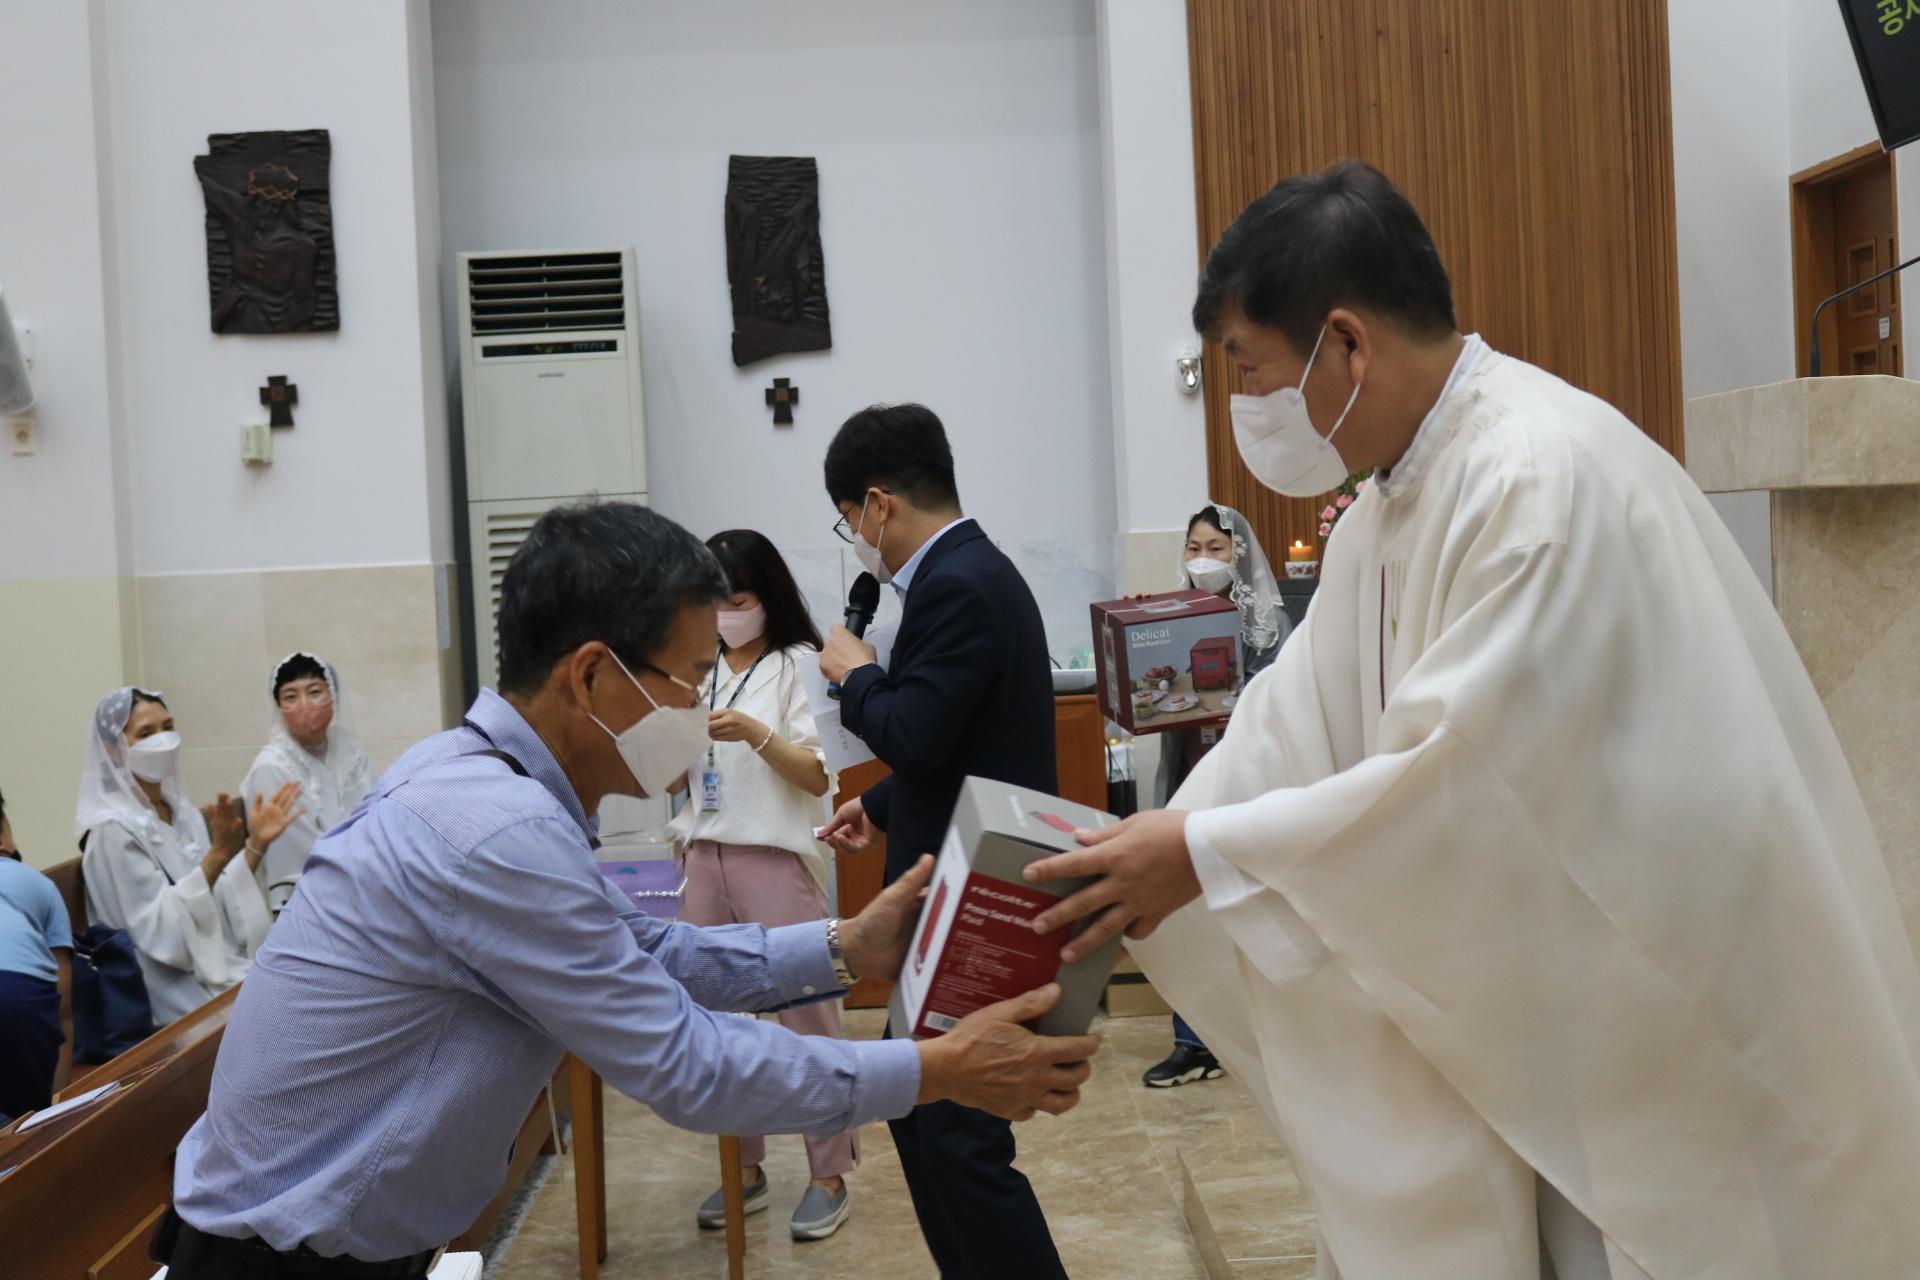 2021-10-09~10 제12회 본당의날 (52).JPG